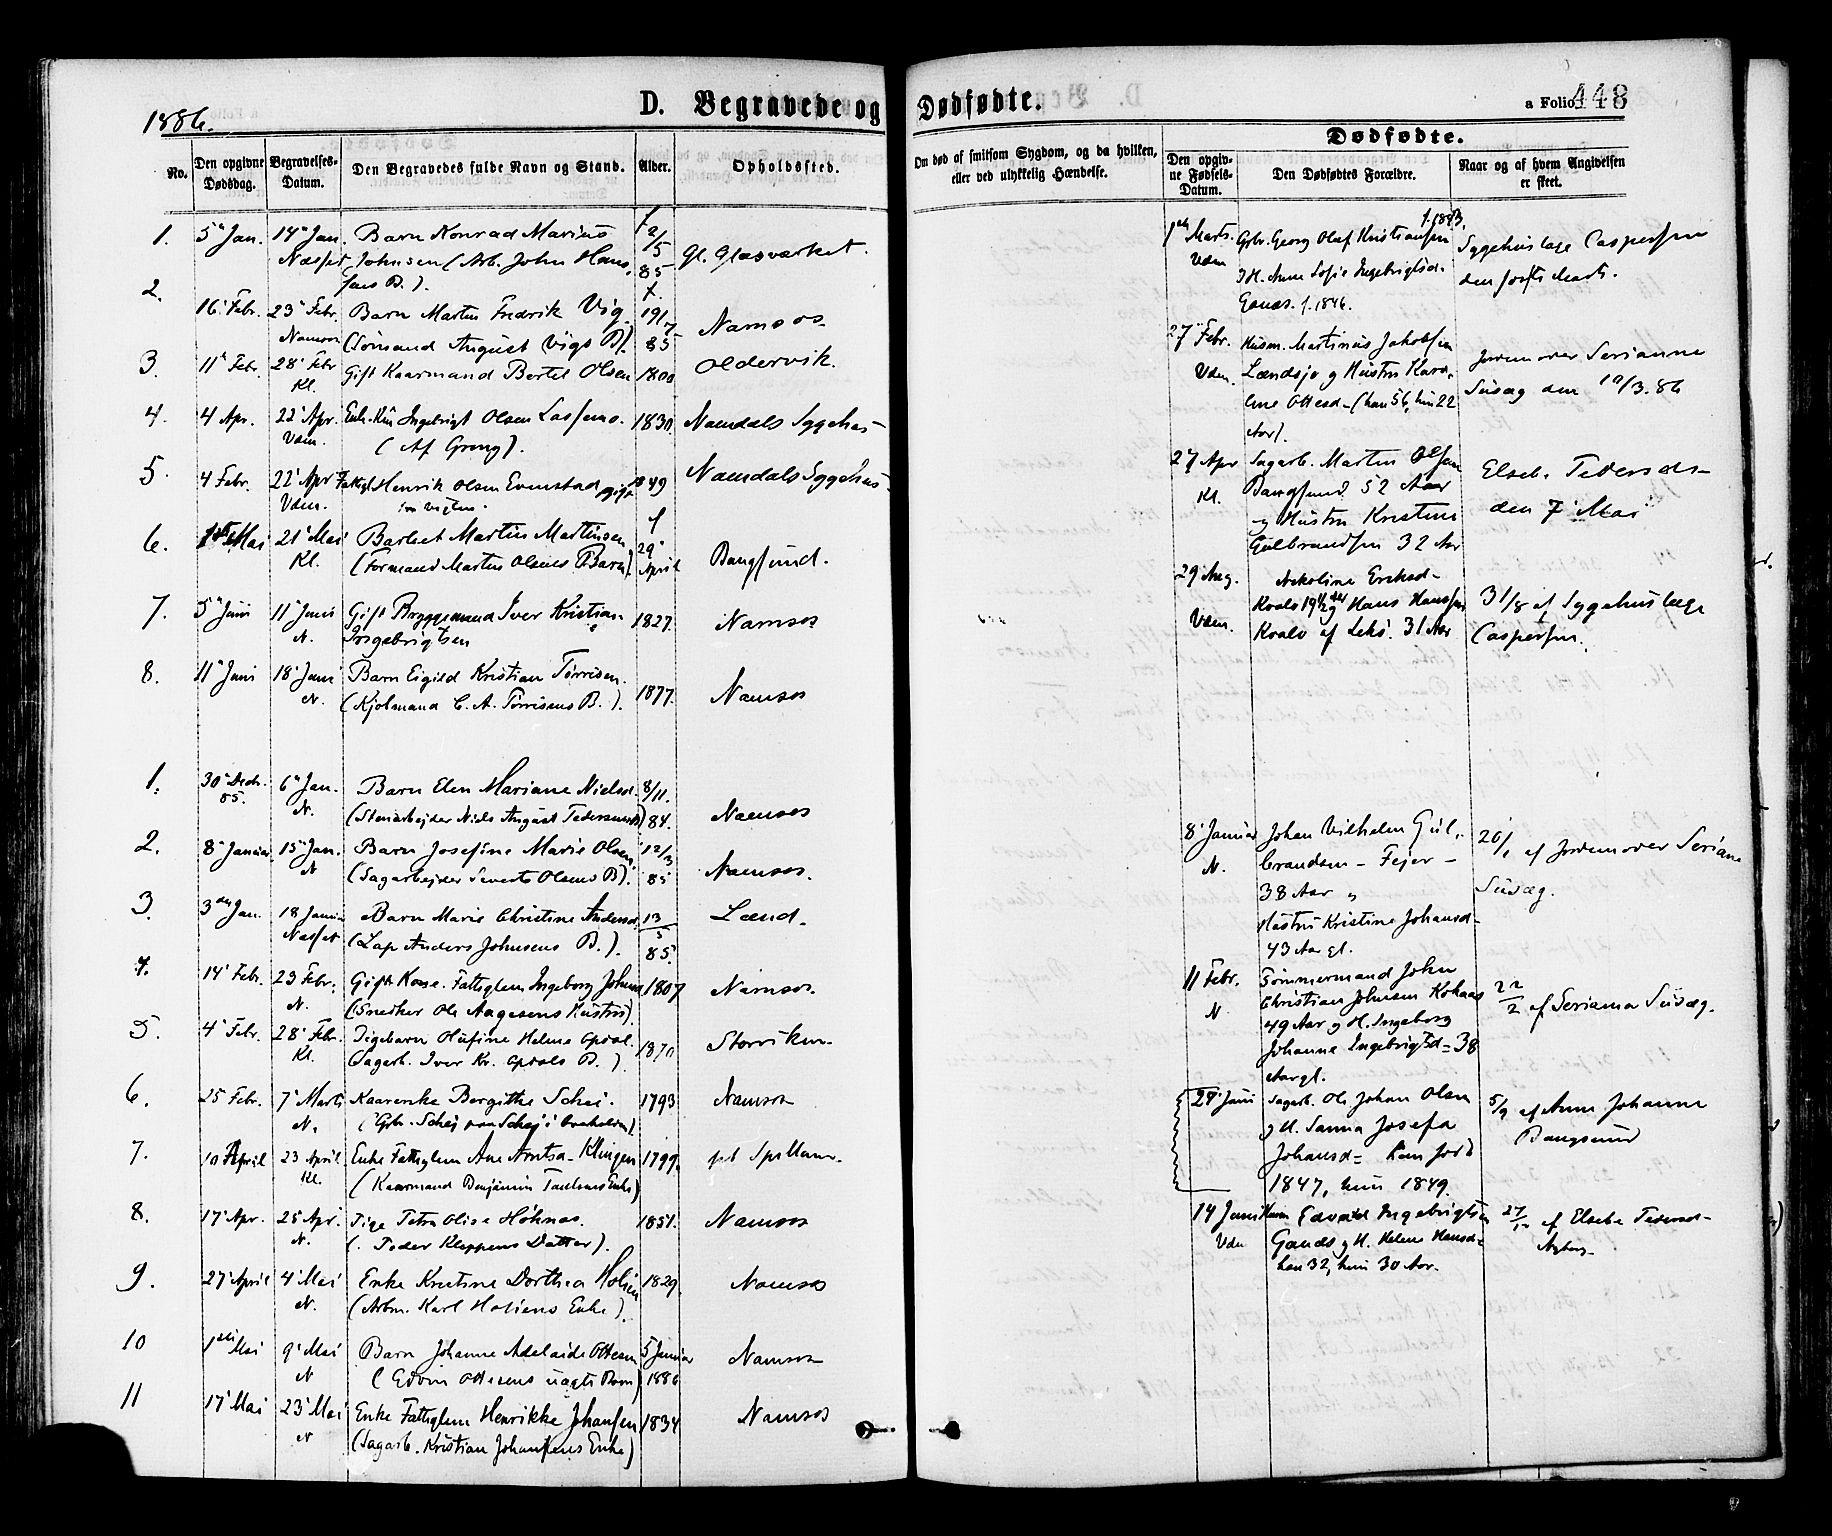 SAT, Ministerialprotokoller, klokkerbøker og fødselsregistre - Nord-Trøndelag, 768/L0572: Ministerialbok nr. 768A07, 1874-1886, s. 448